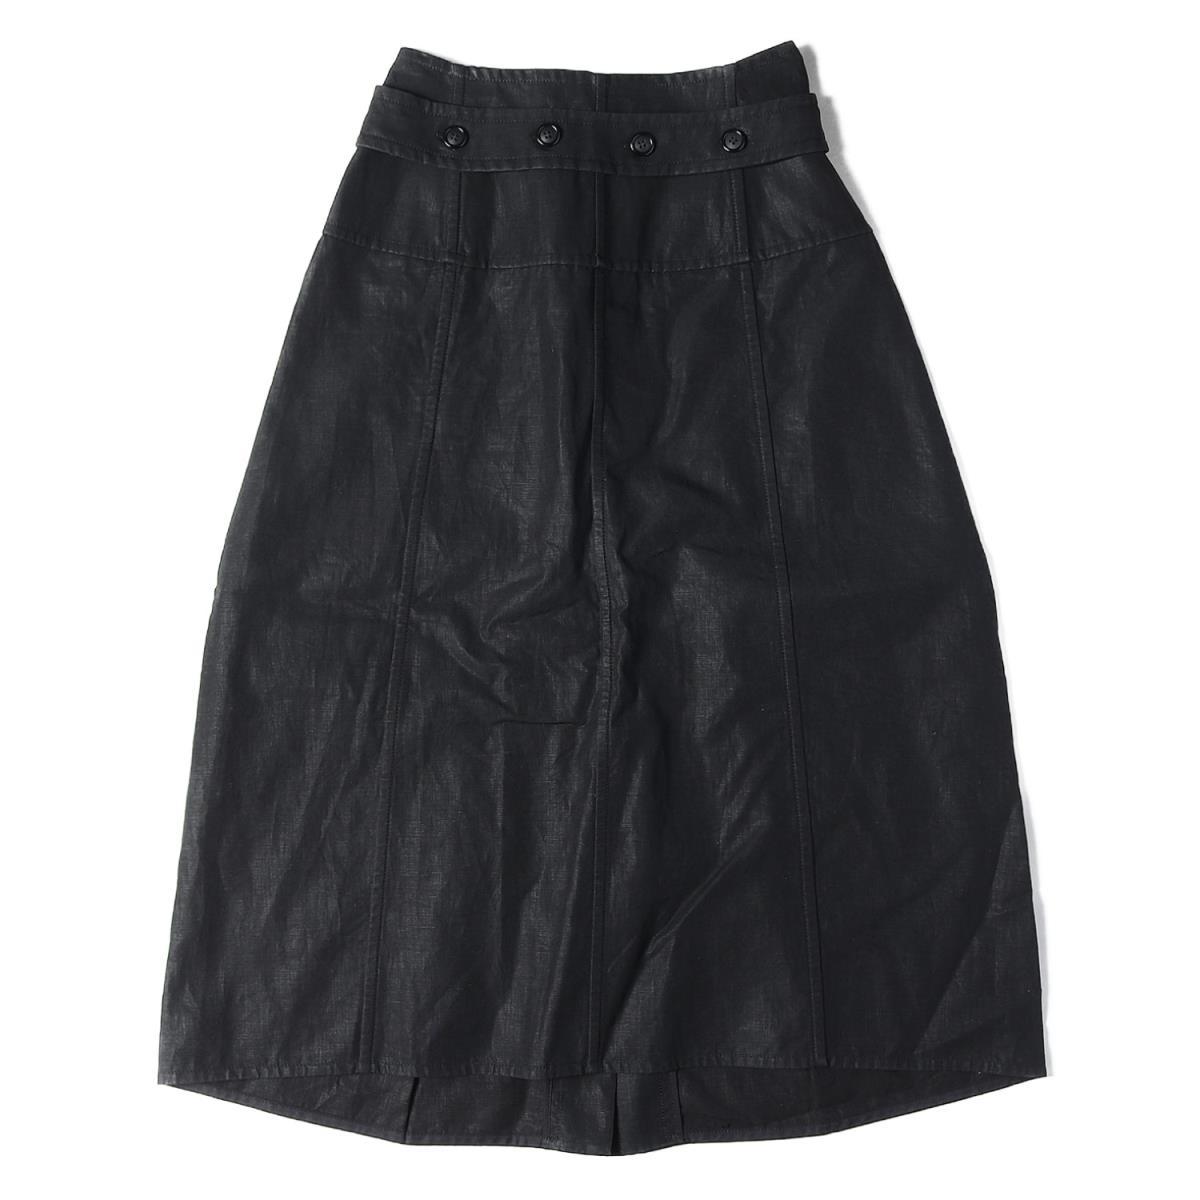 CELINE(セリーヌ) ベルテッド リネンスカート フランス製 ブラック 34 【レディース】【中古】【美品】【K2613】